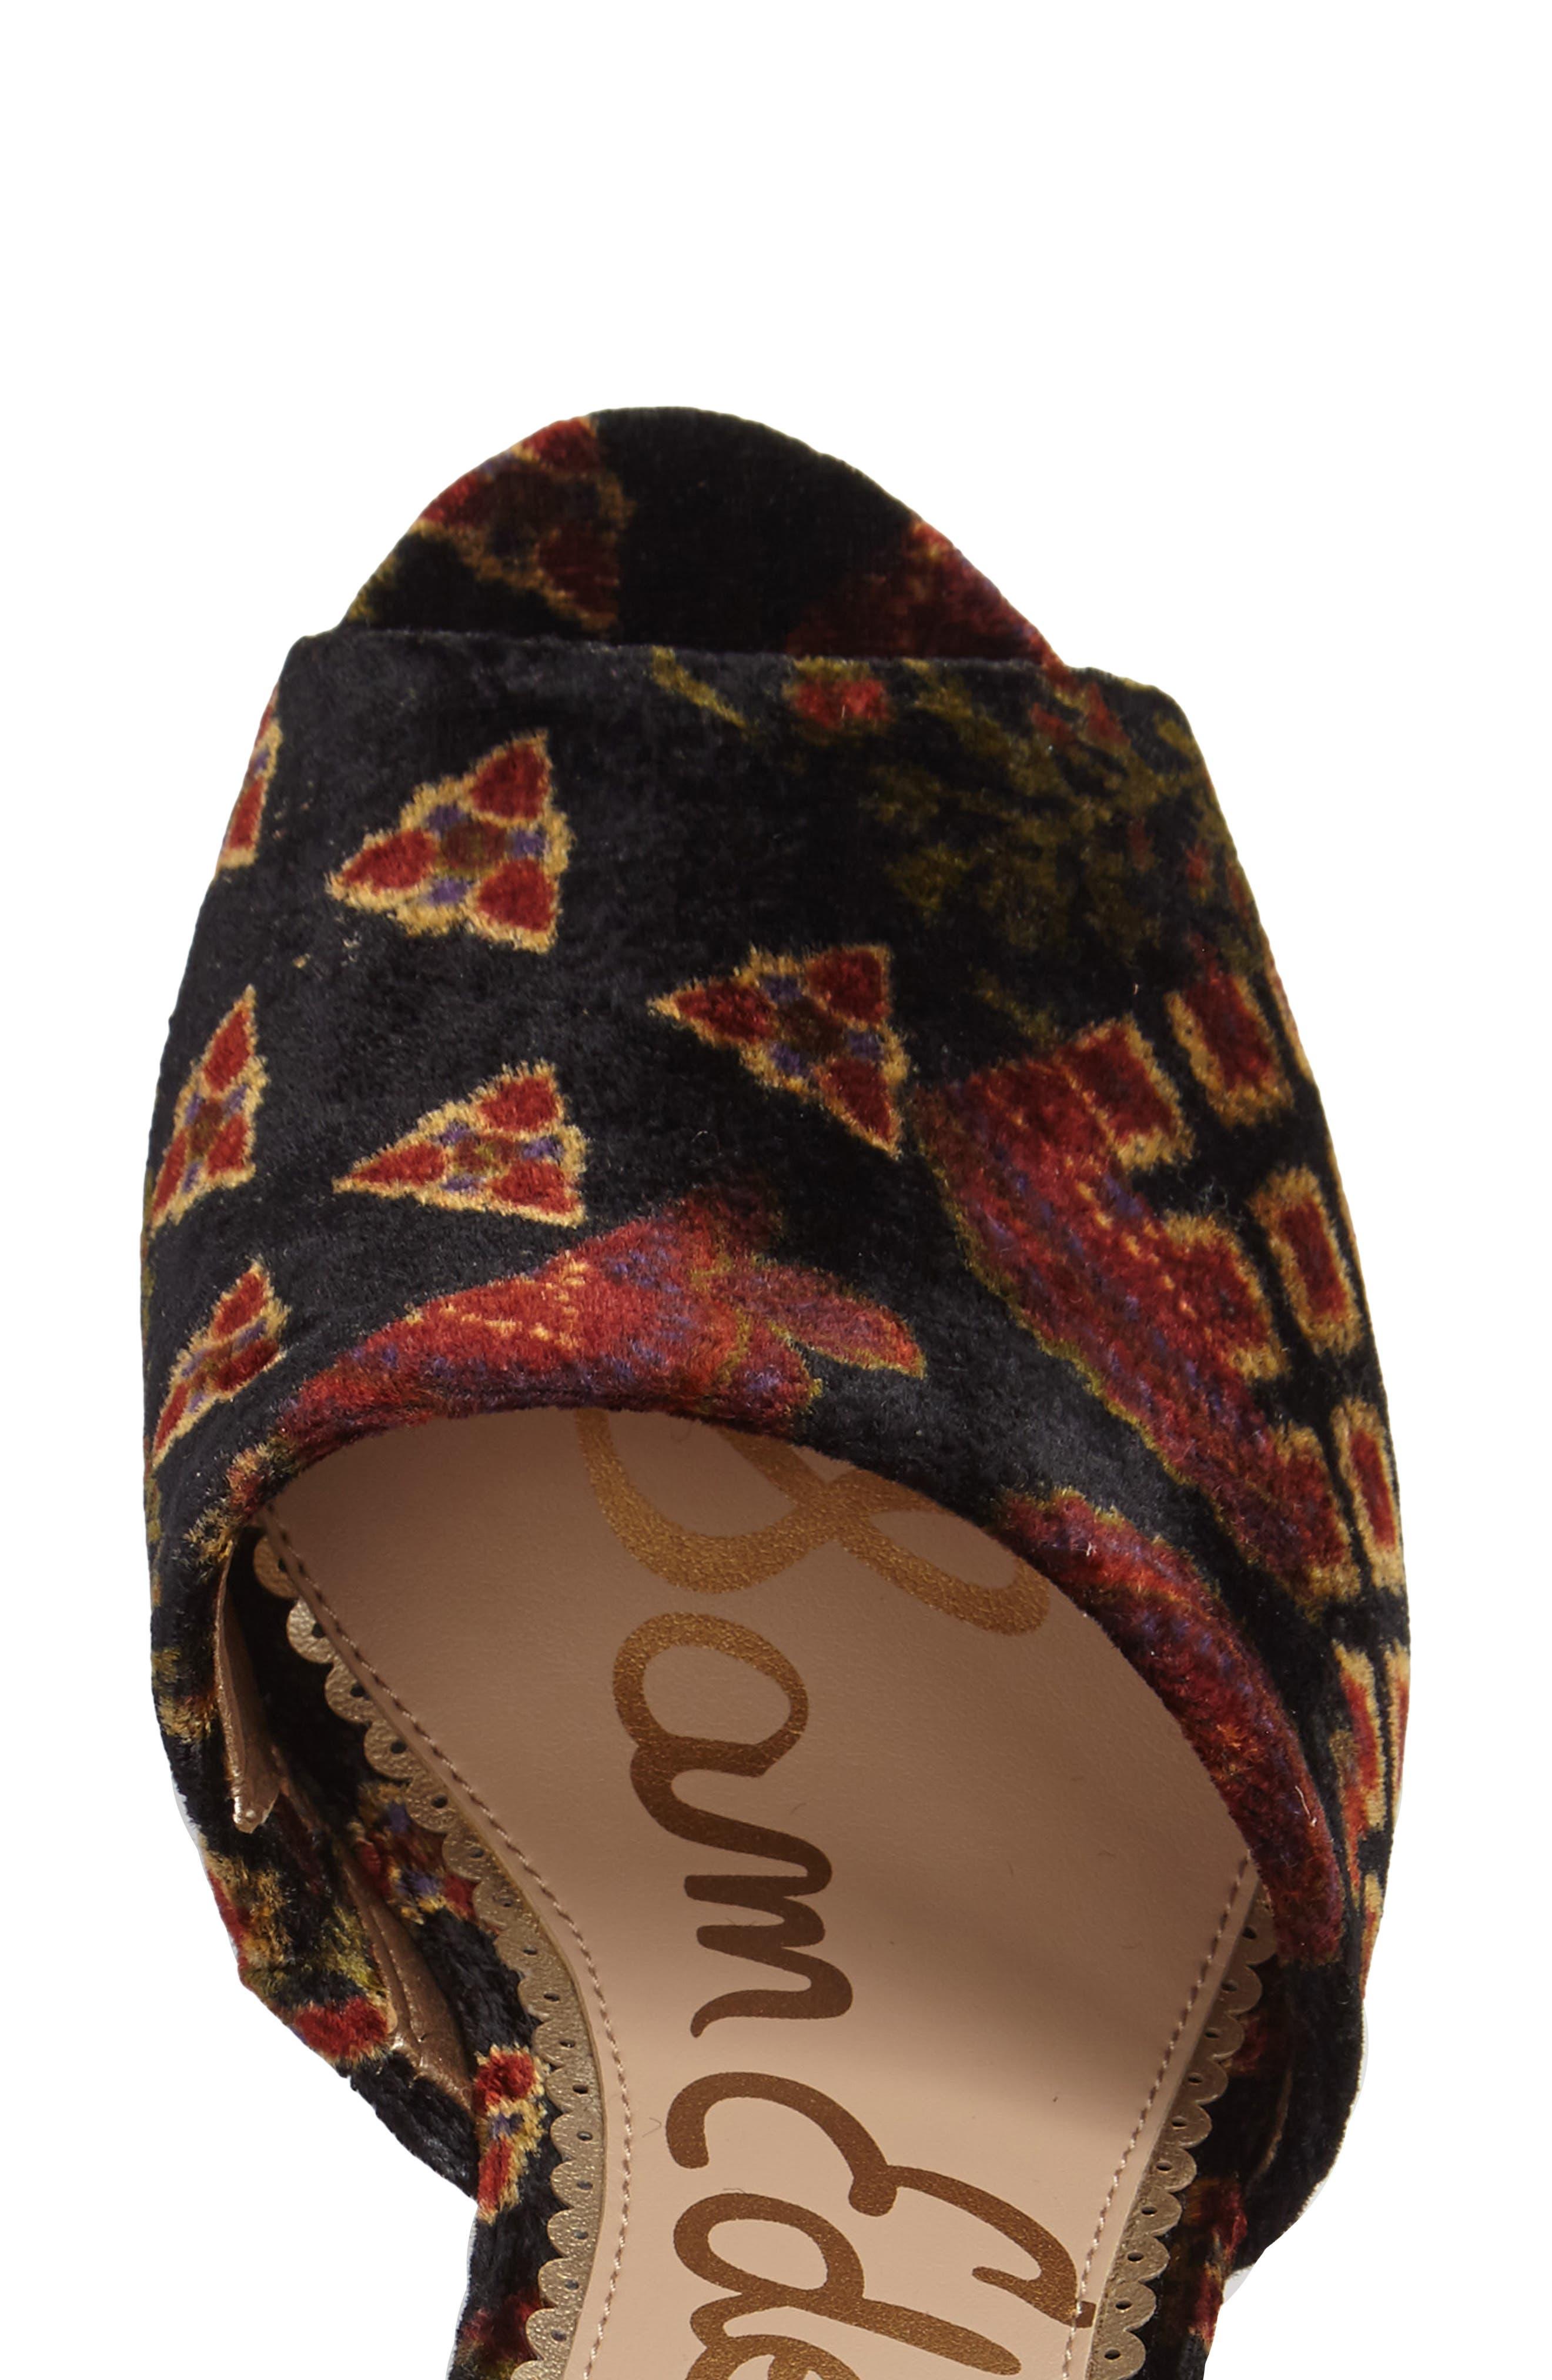 Odele Sandal,                             Alternate thumbnail 5, color,                             001